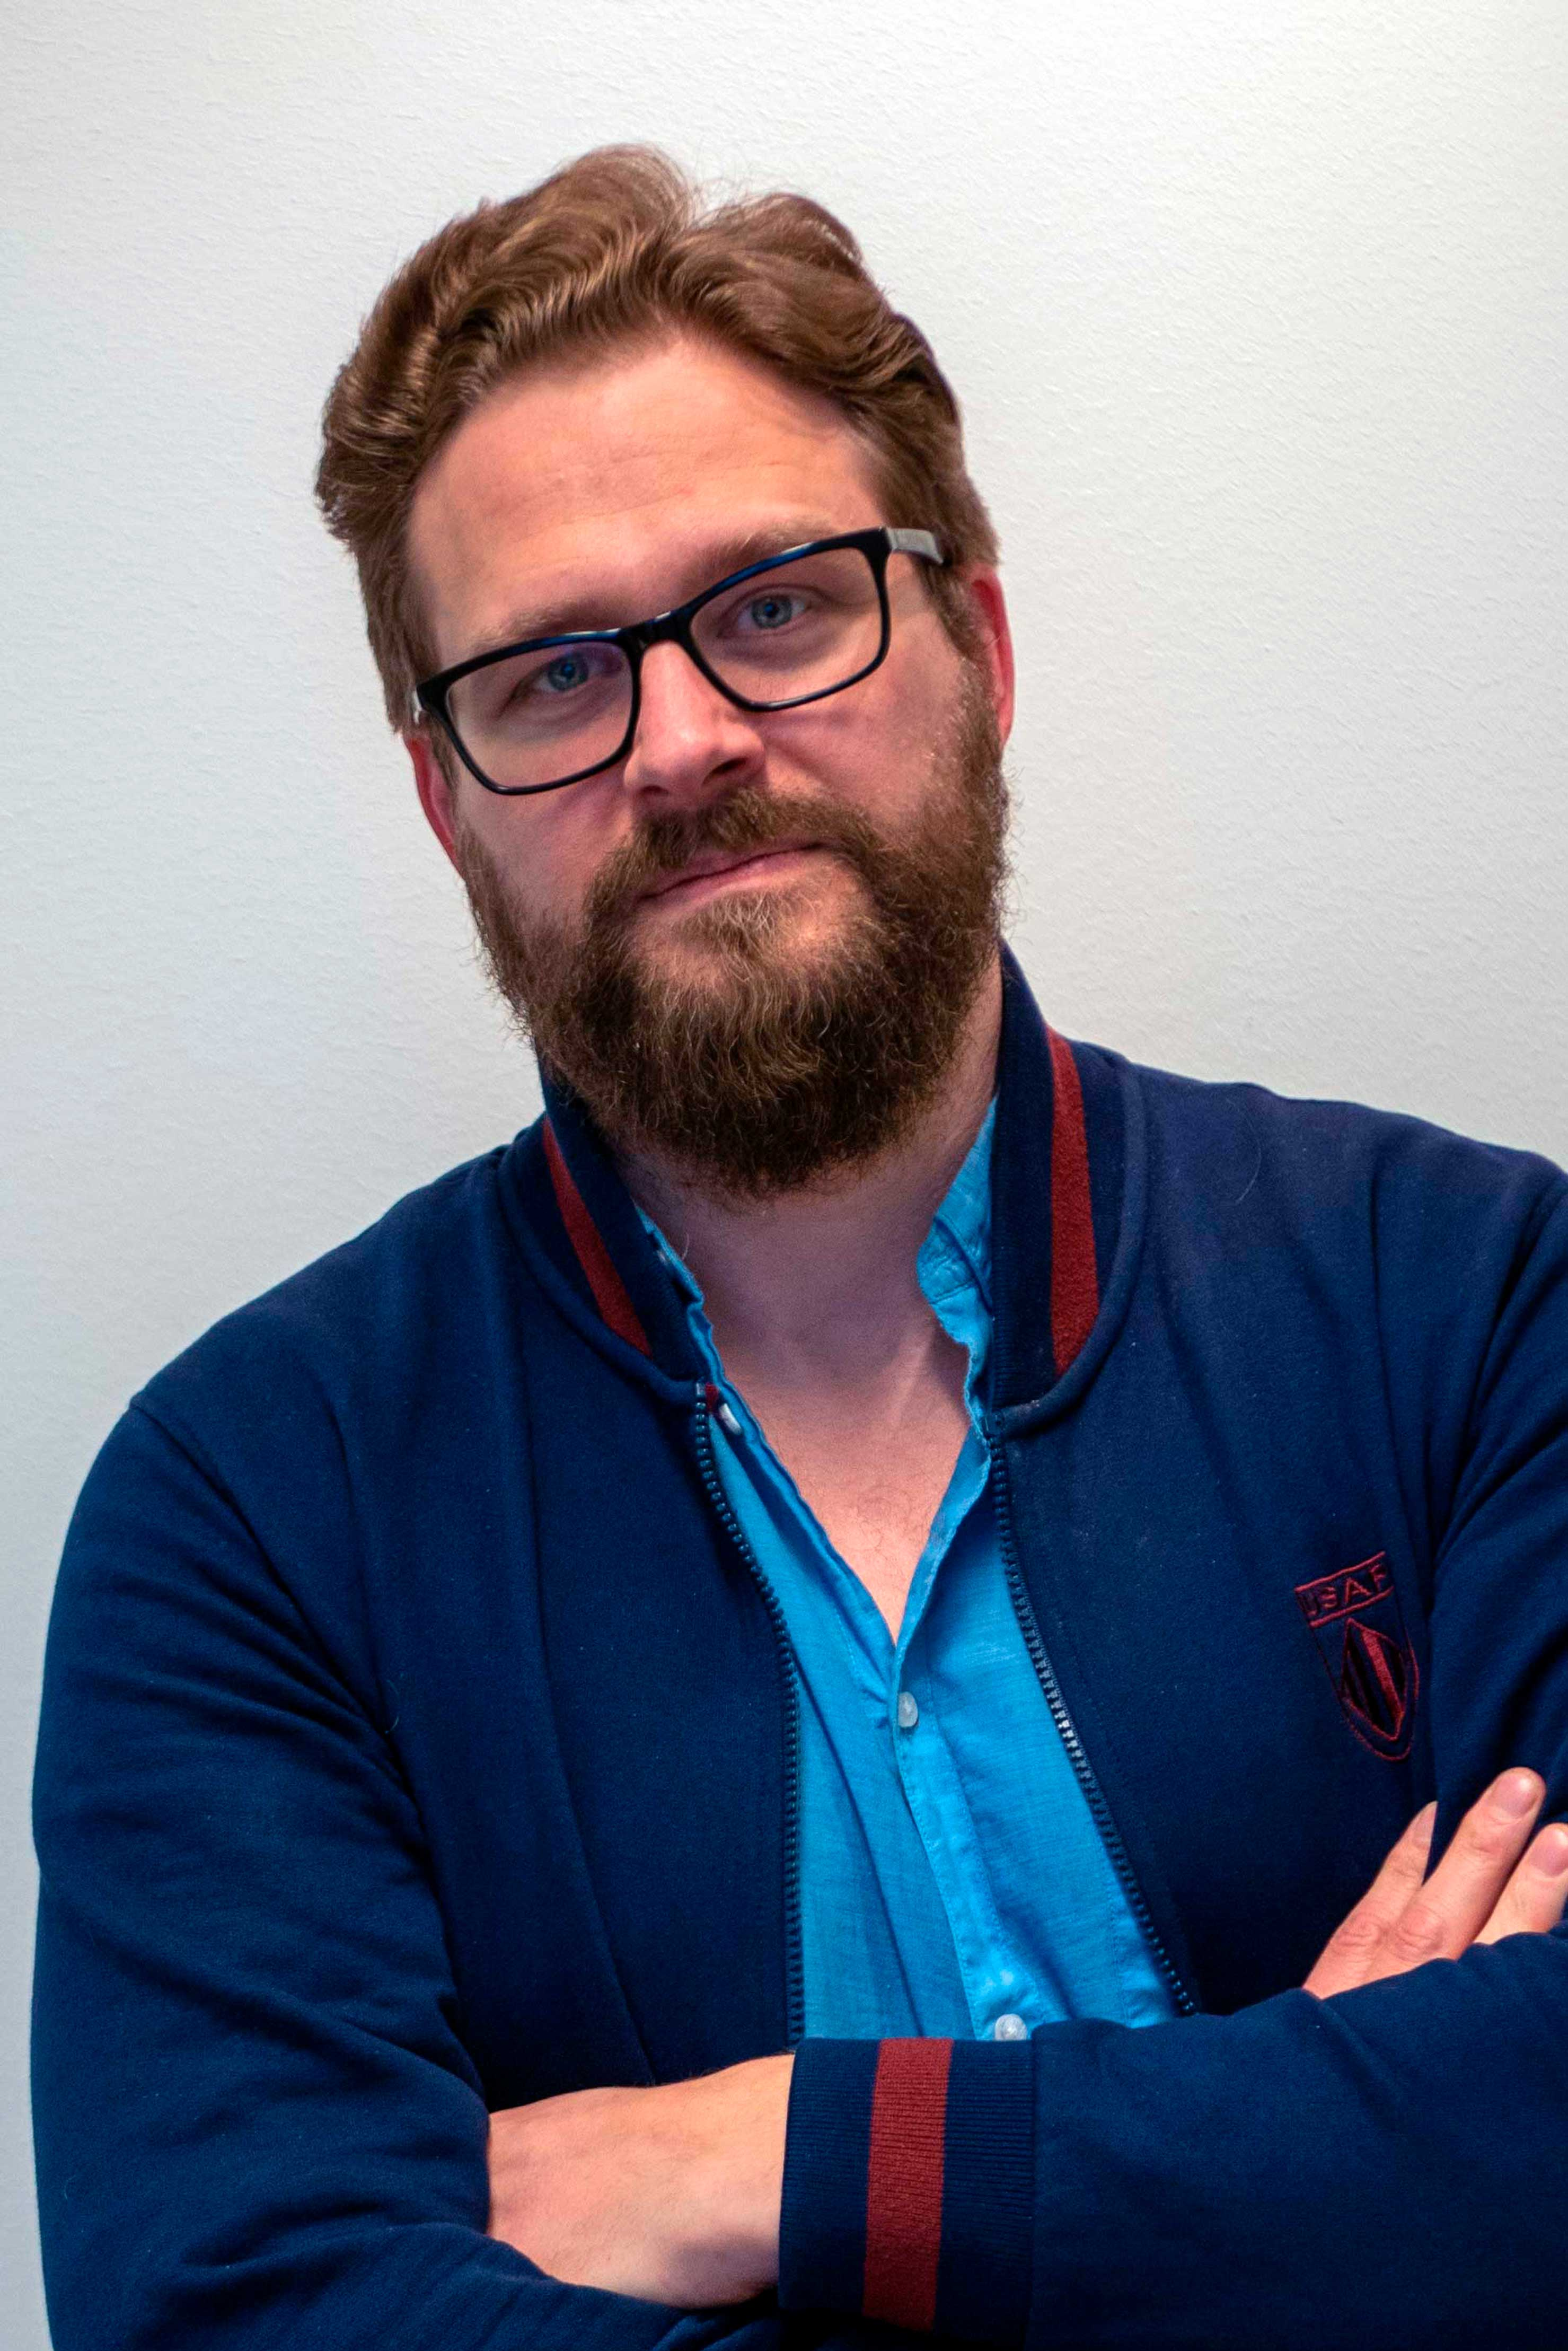 Markus Ingvarsson